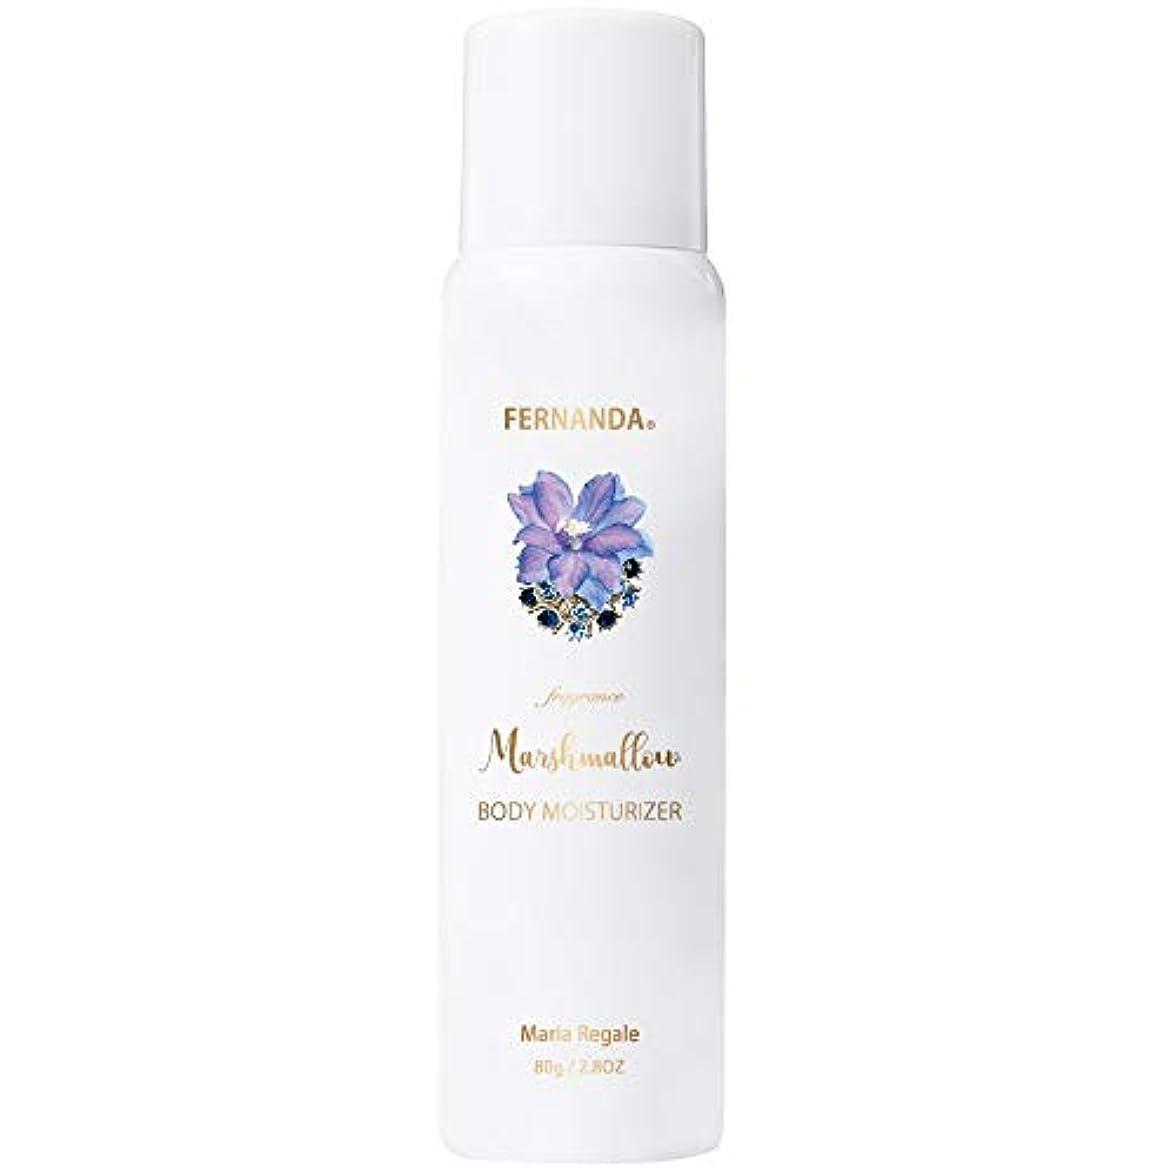 ホーム通り抜けるステレオタイプFERNANDA(フェルナンダ) Marshmallow Body Moisturizer Maria Regale (マシュマロ ボディ モイスチャライザー マリアリゲル)